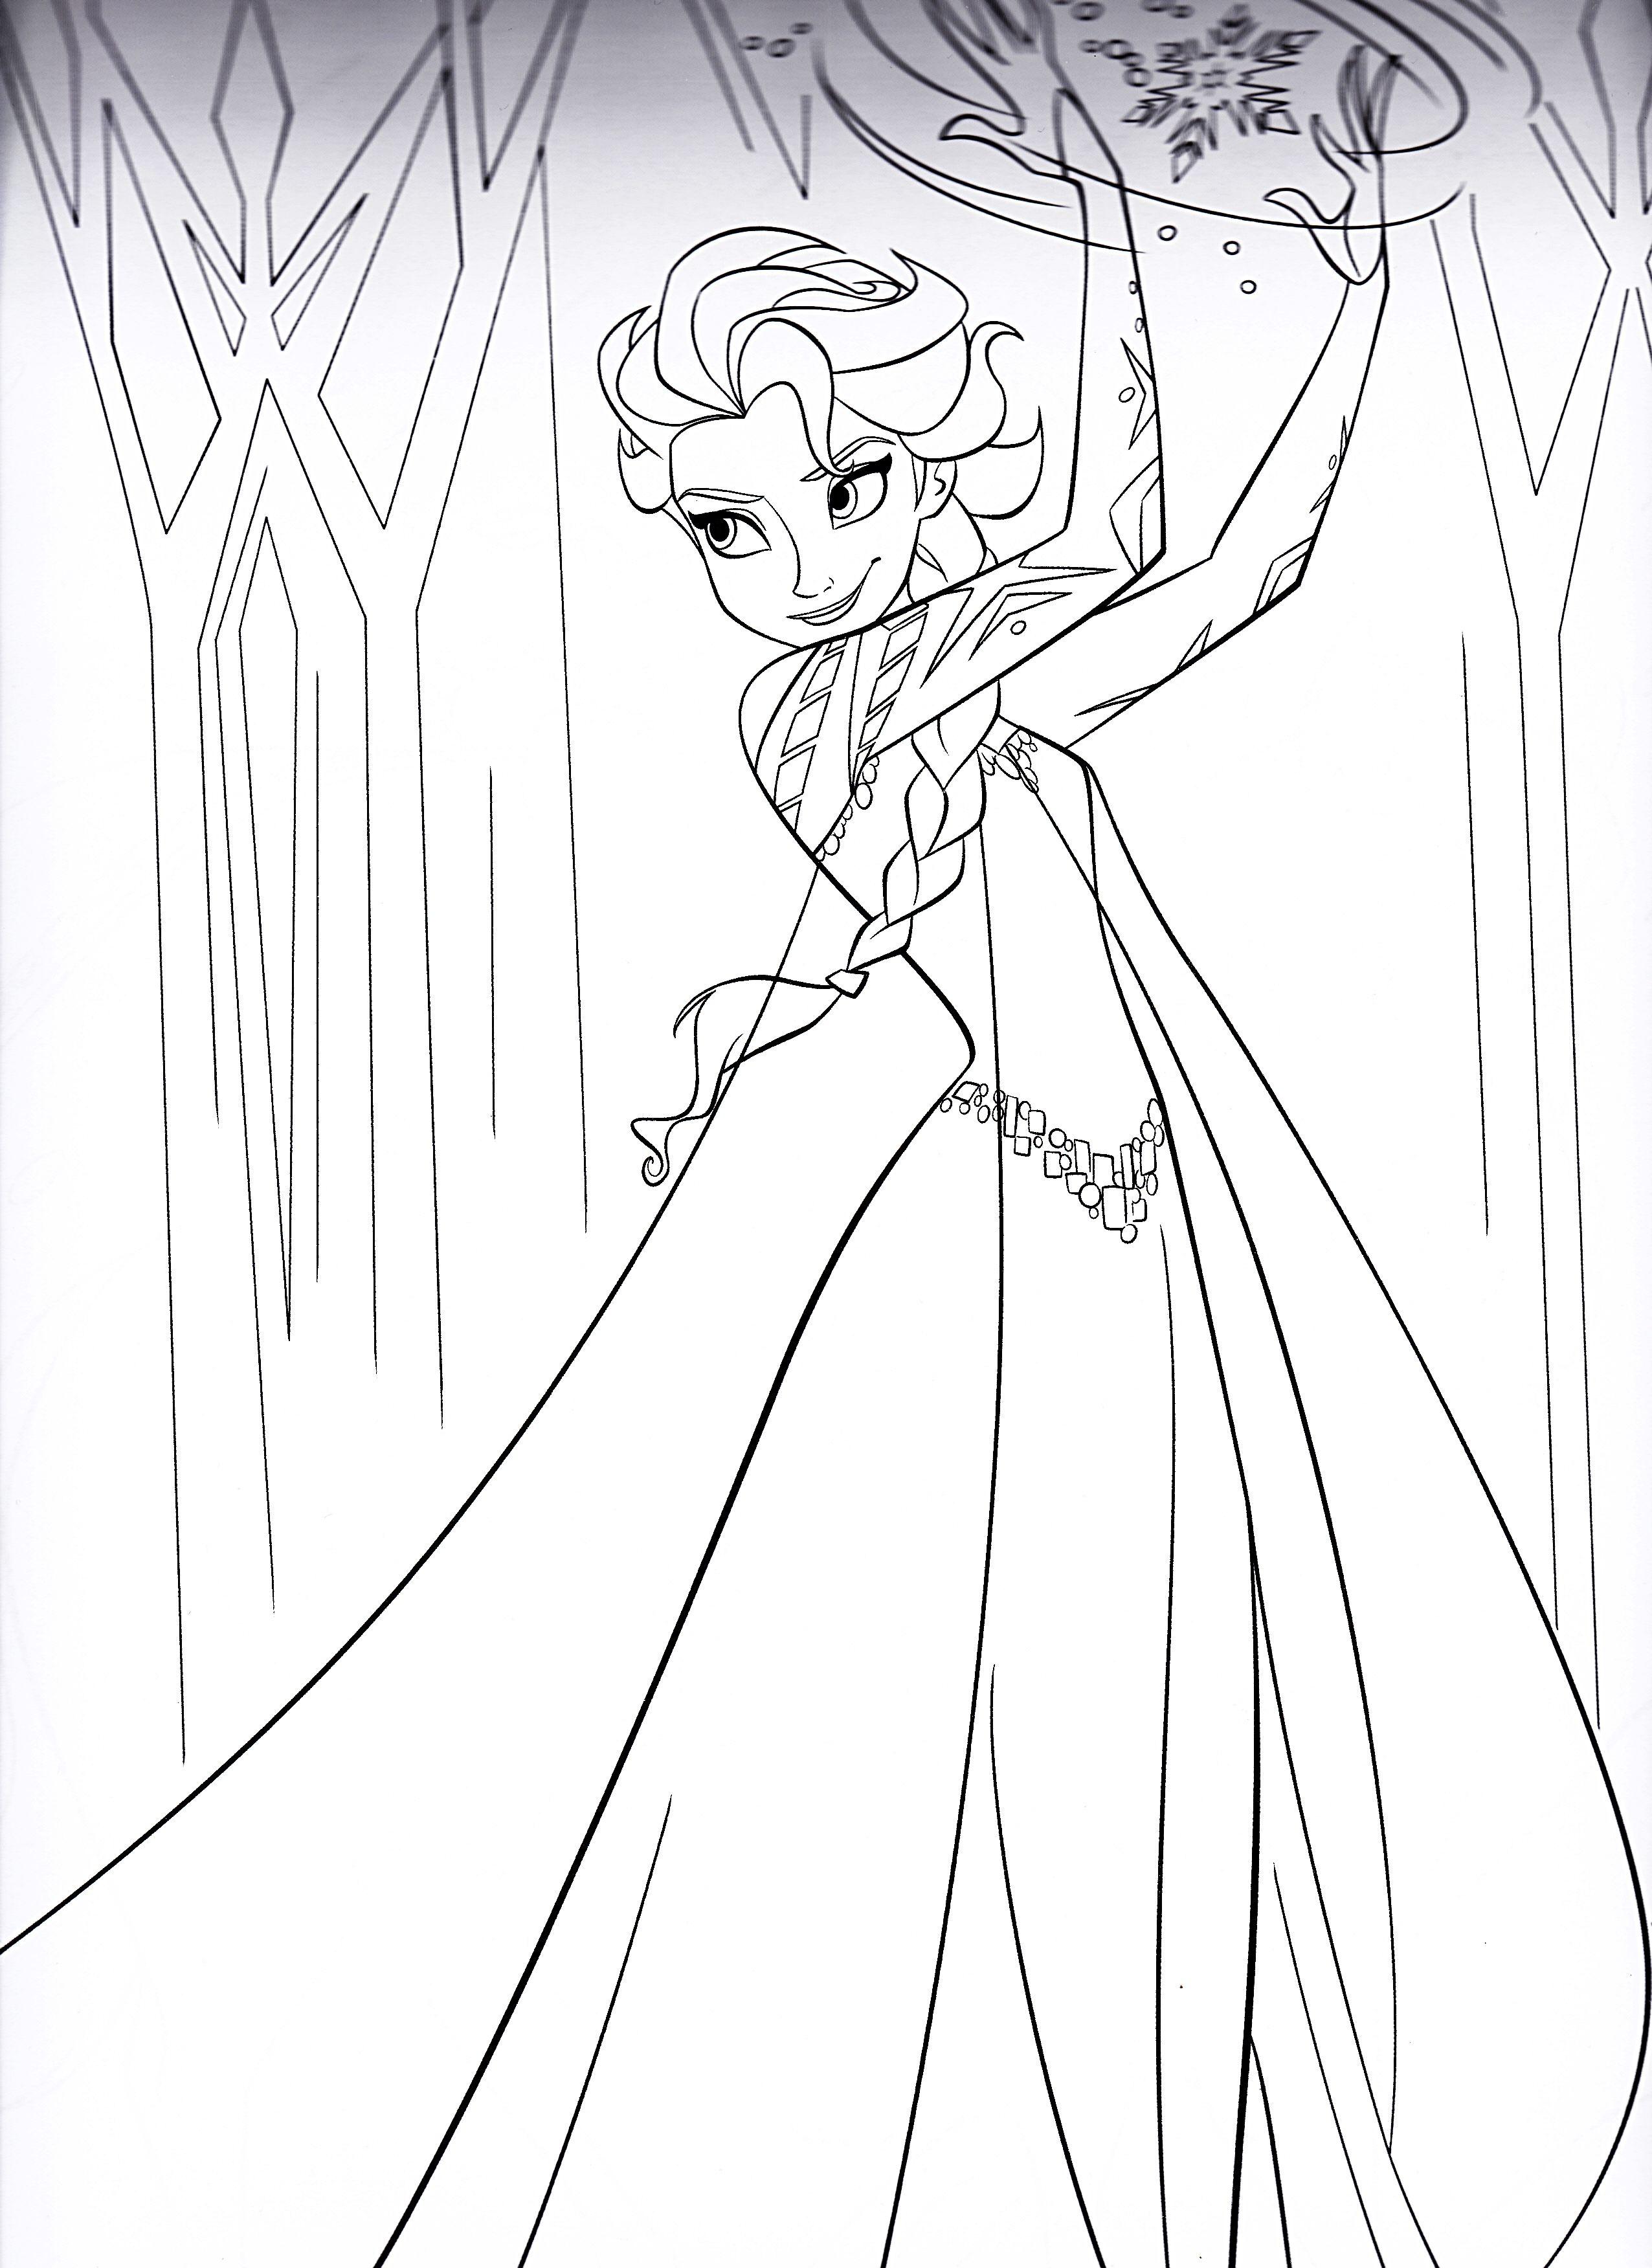 Tranh Tô Màu Công Chúa Elsa 2